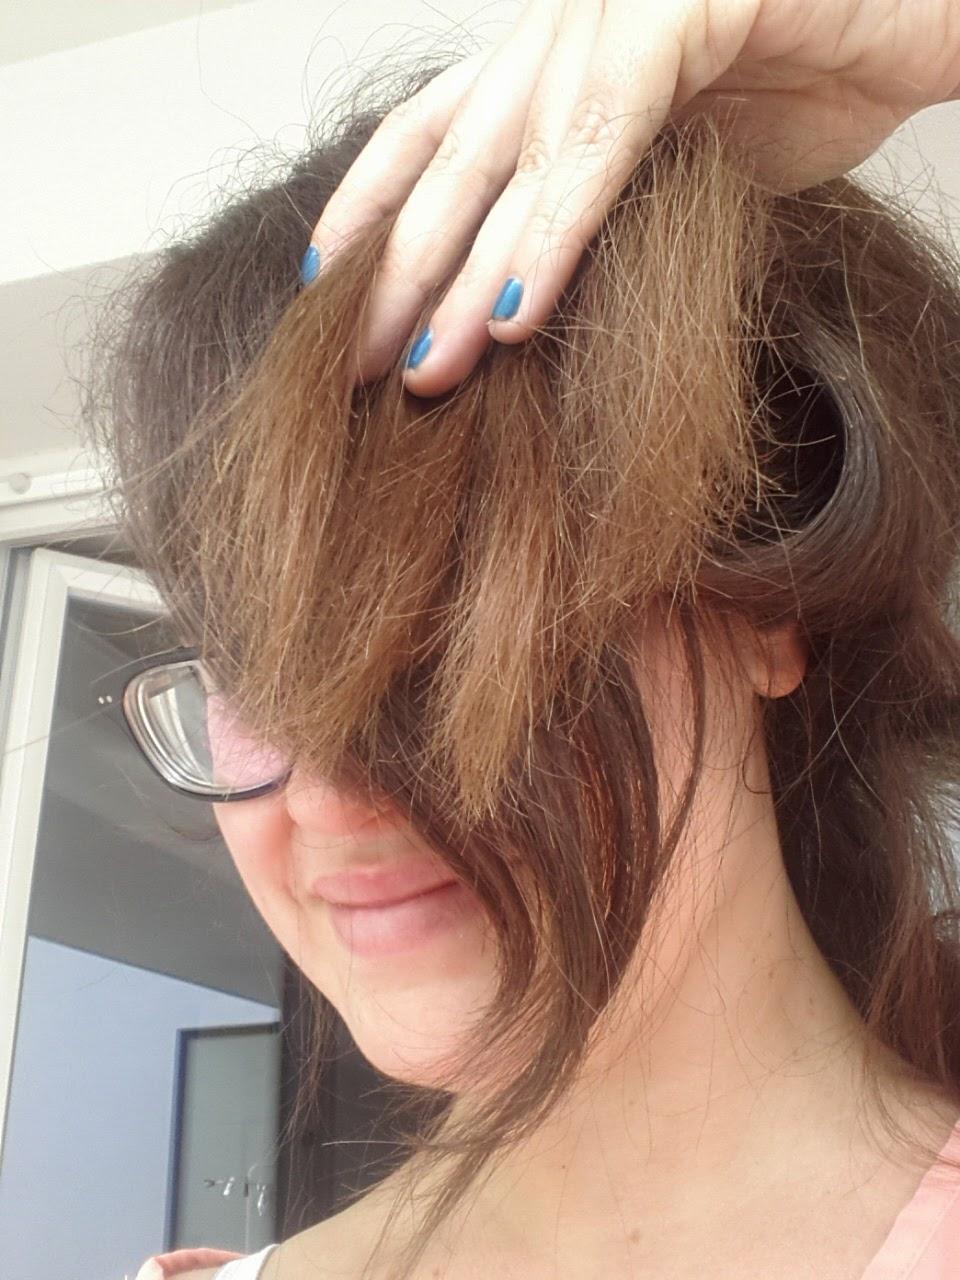 la gele eclaircissante de garnier a donne quoi - Gele Claircissante Garnier Sur Cheveux Colors